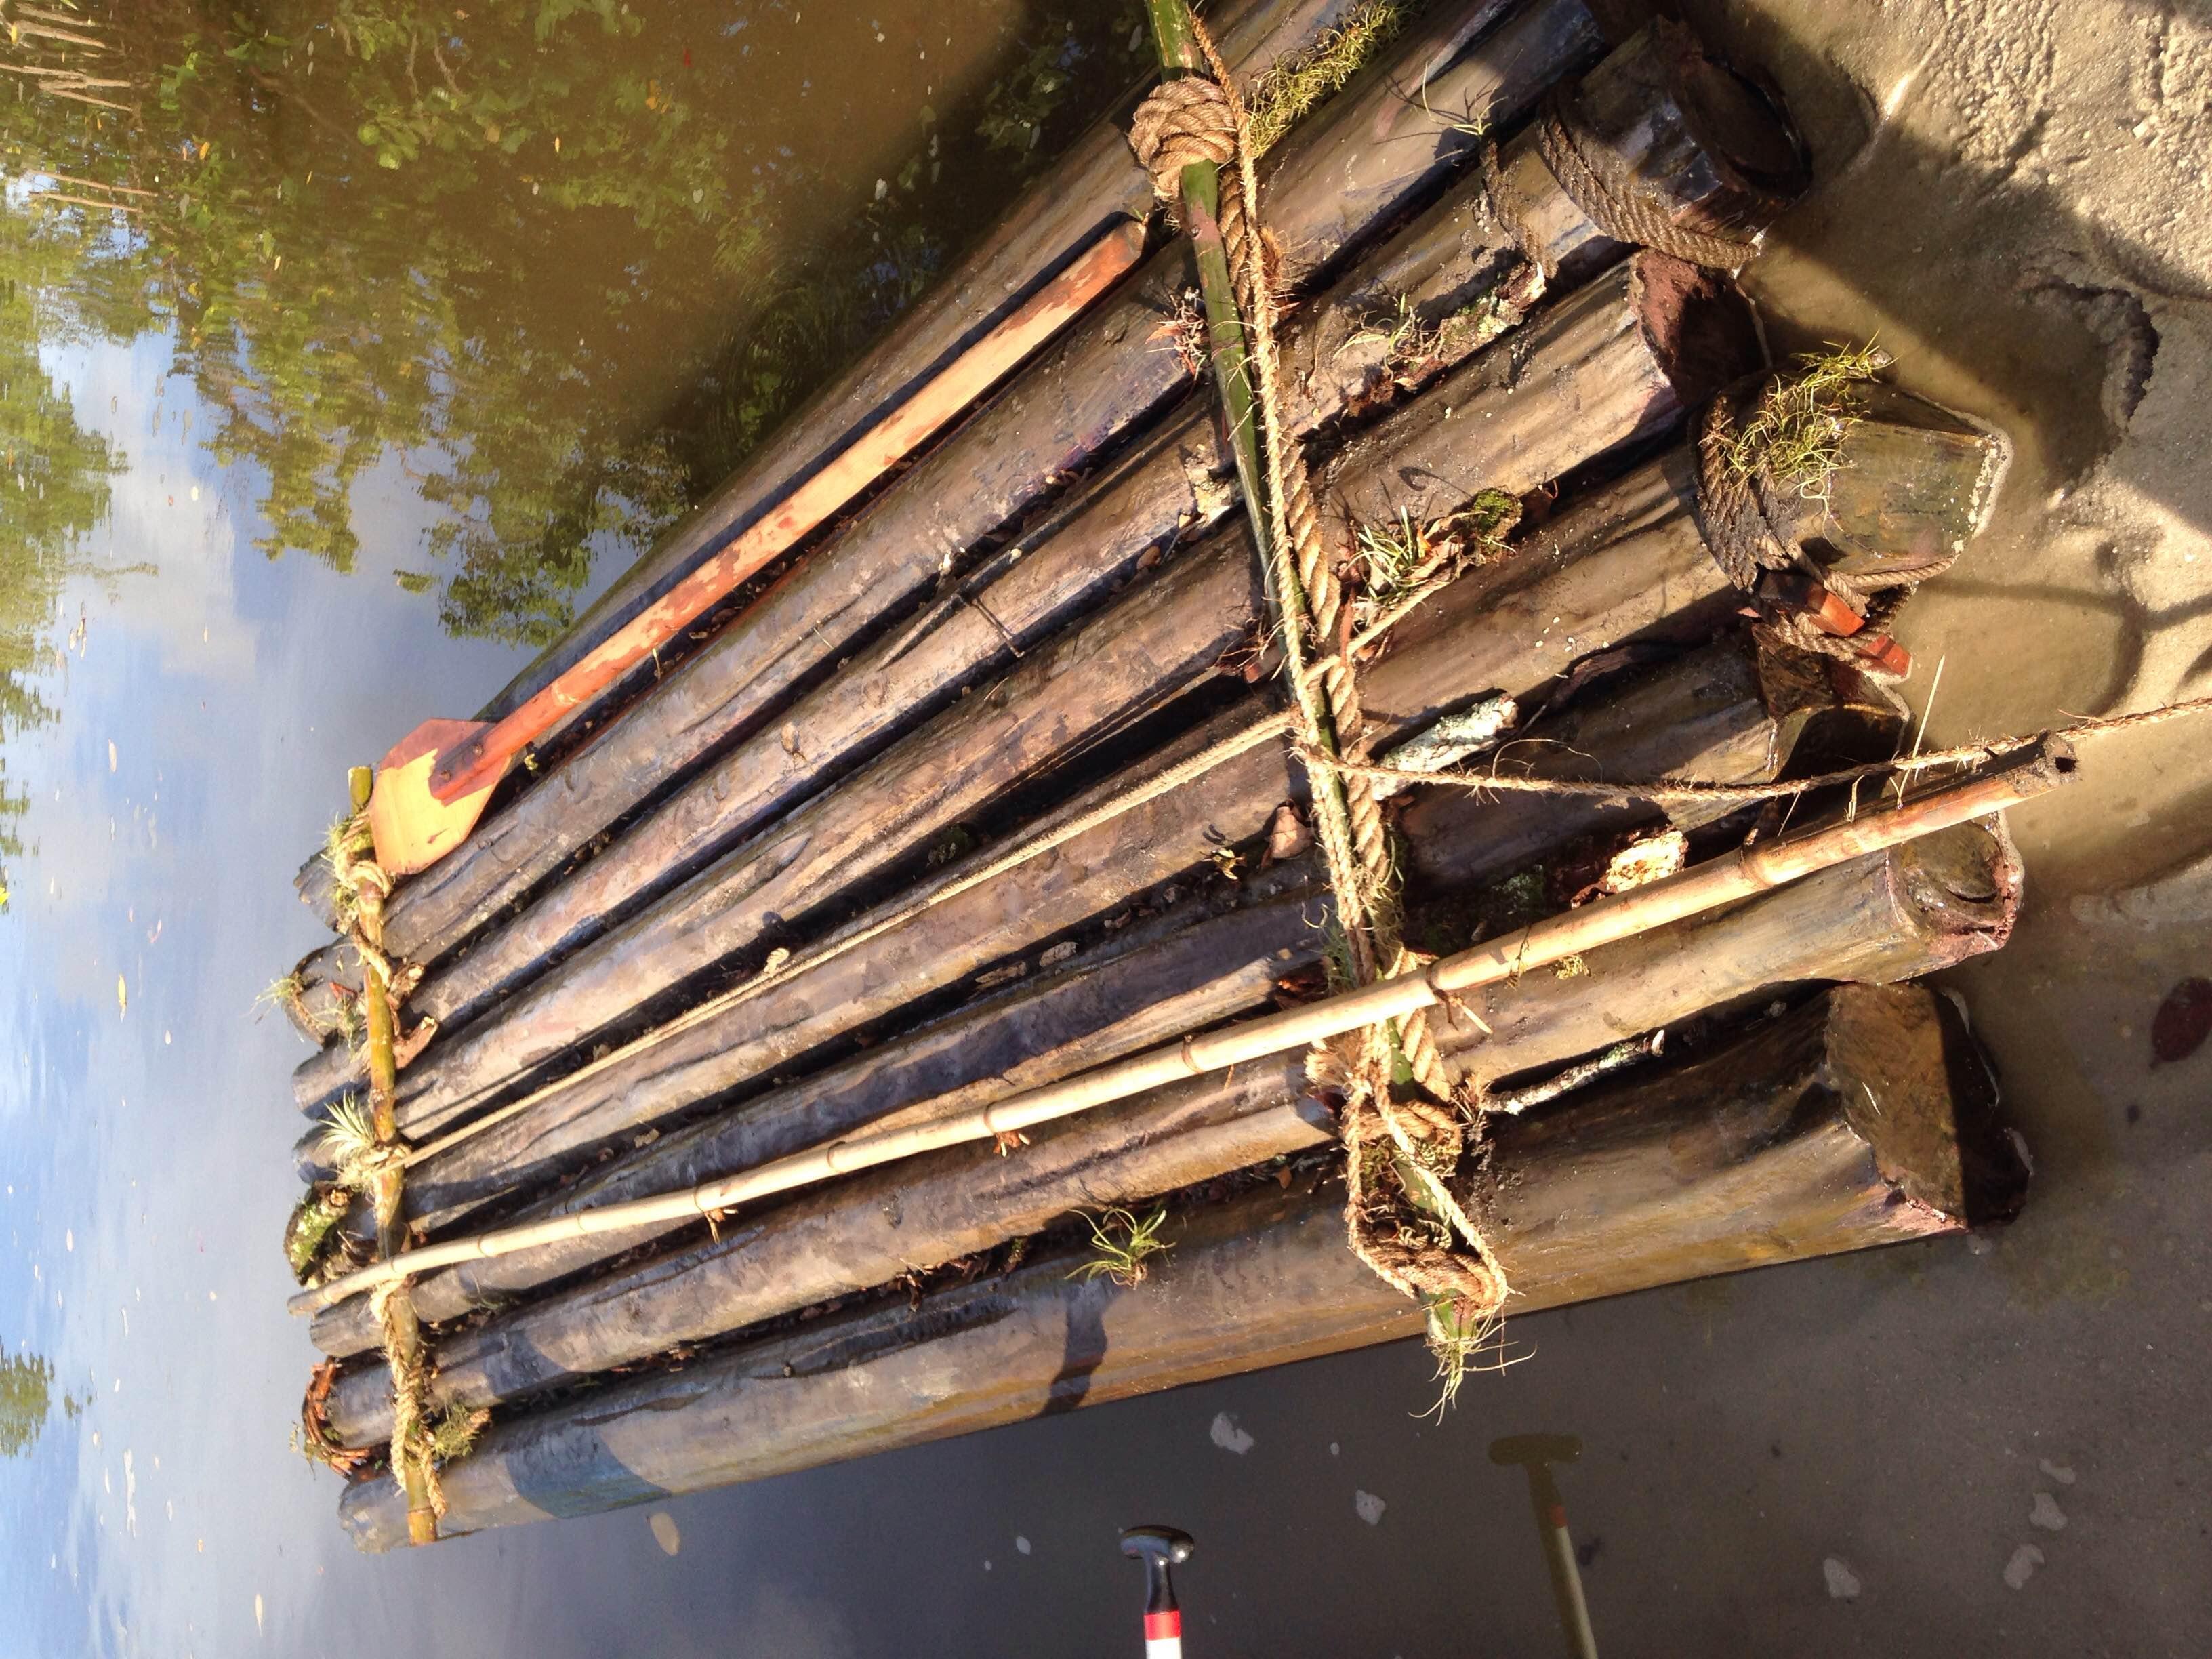 raft detailing